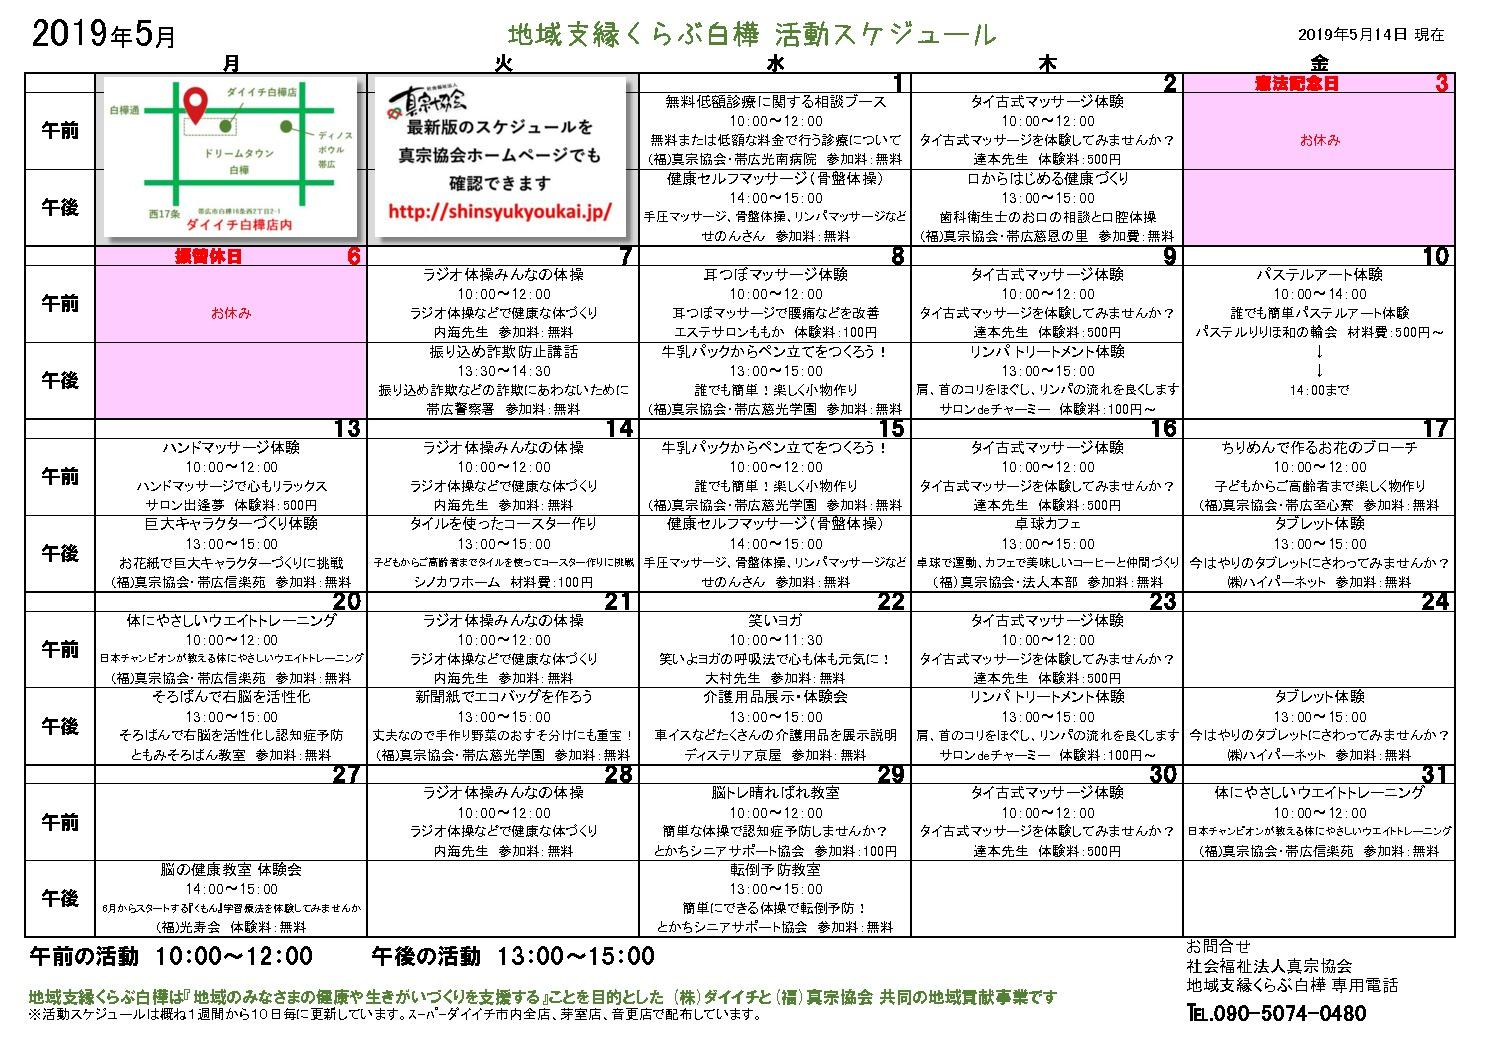 2019活動スケジュール5(2019.5.14付)のサムネイル